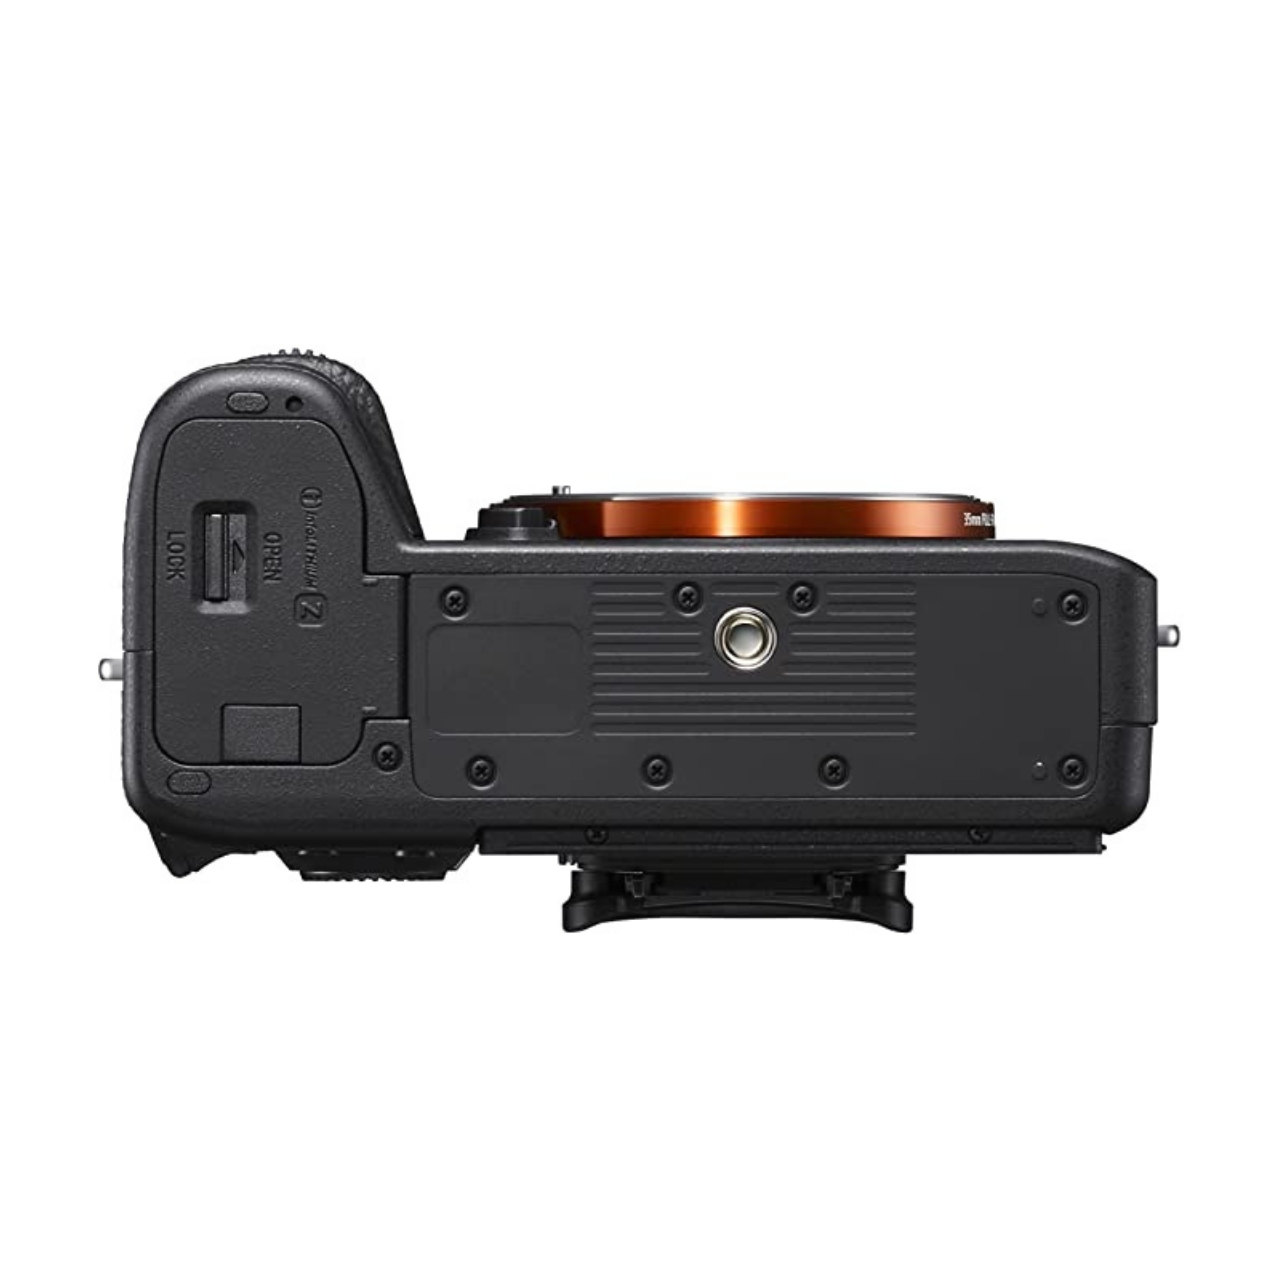 Sony Cámara Evil Alpha 7M III ILCE-7M3GBDI Negra Obj. 24-105 mm F4 G OSS